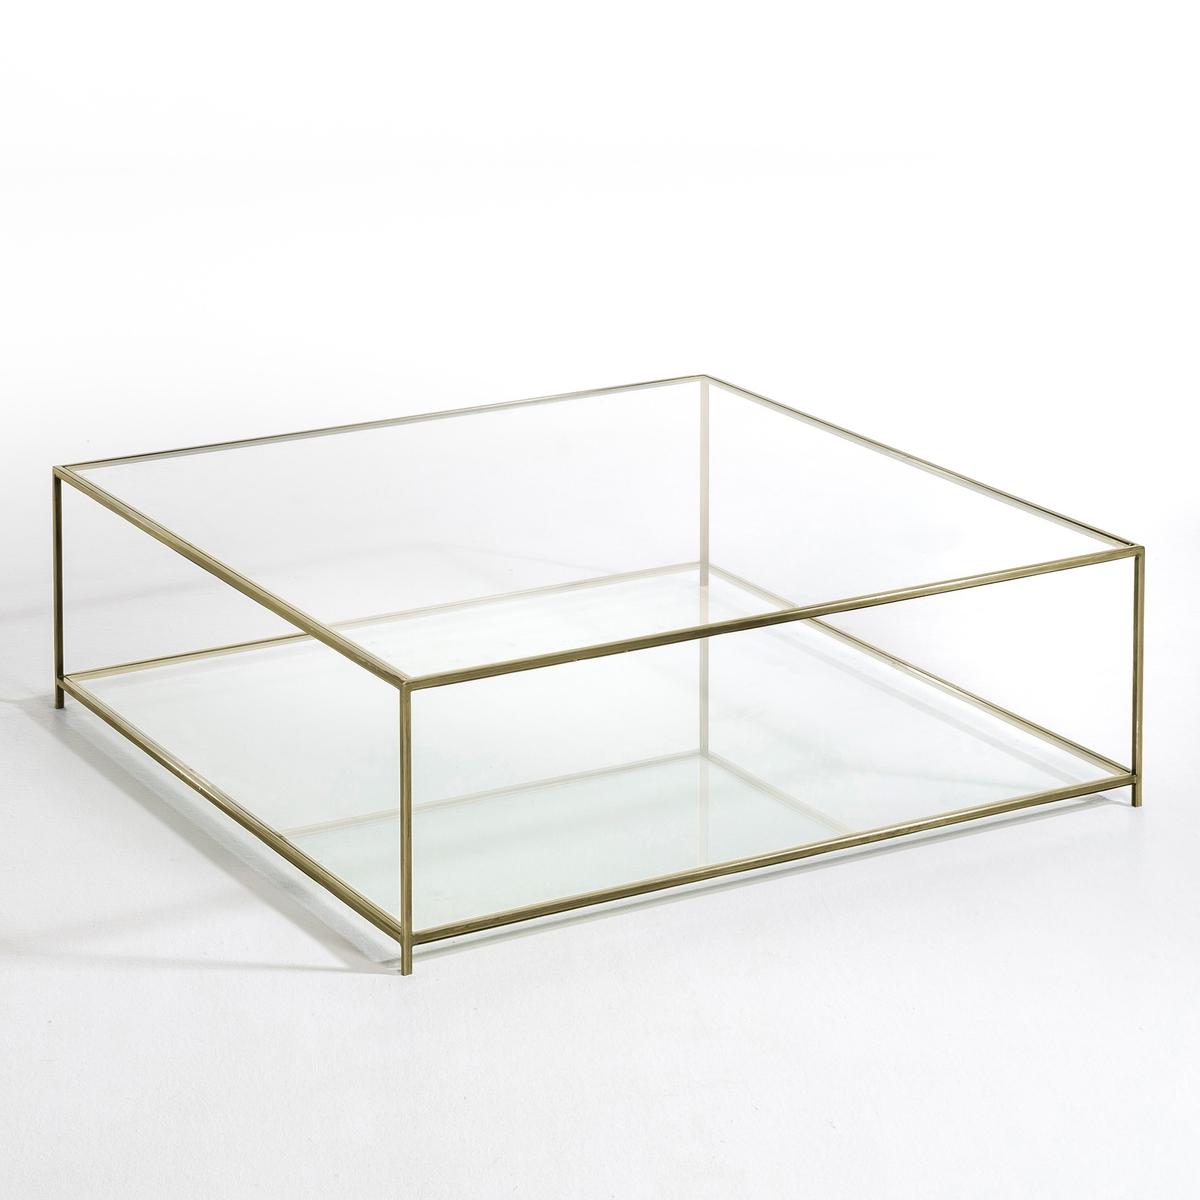 Стол журнальный квадратный из закаленного стекла, Sybil